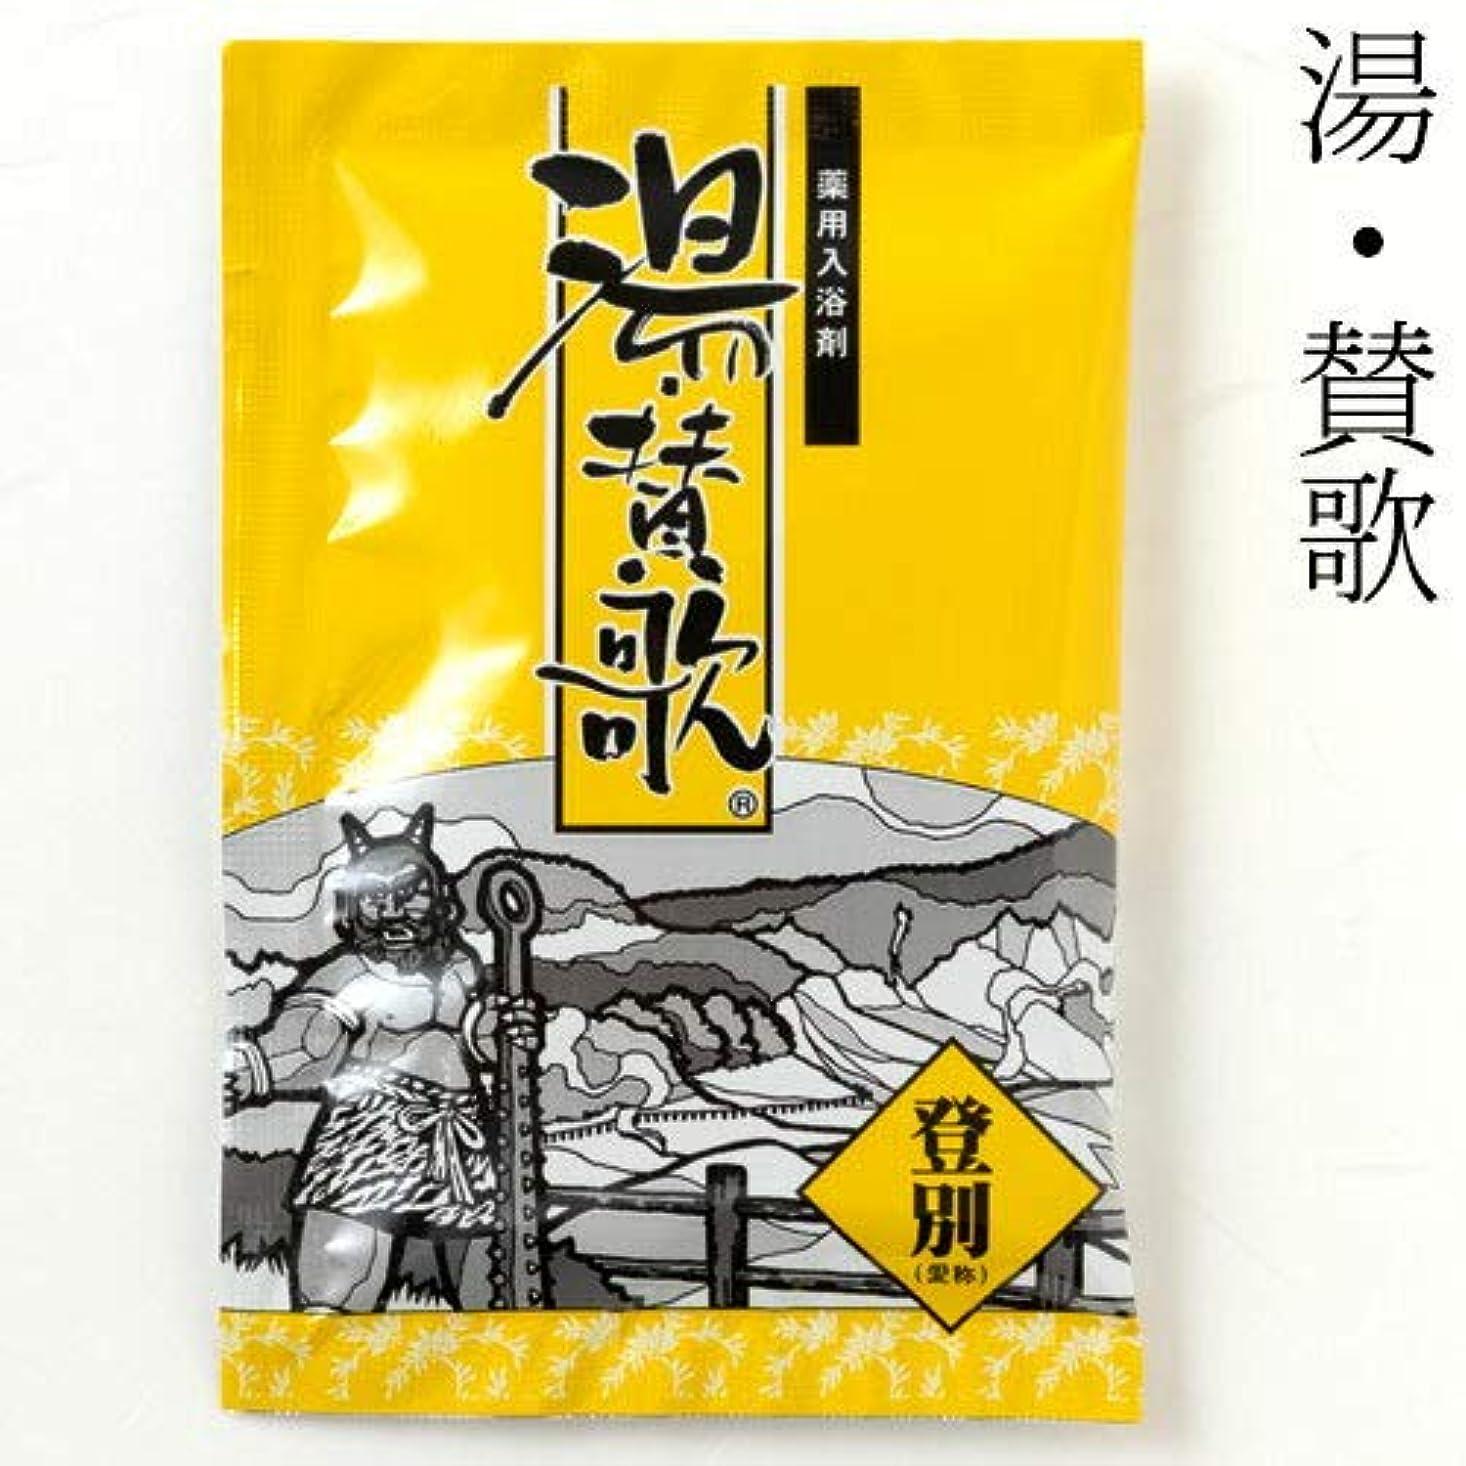 復活させる谷追放入浴剤湯?賛歌登別1包石川県のお風呂グッズBath additive, Ishikawa craft